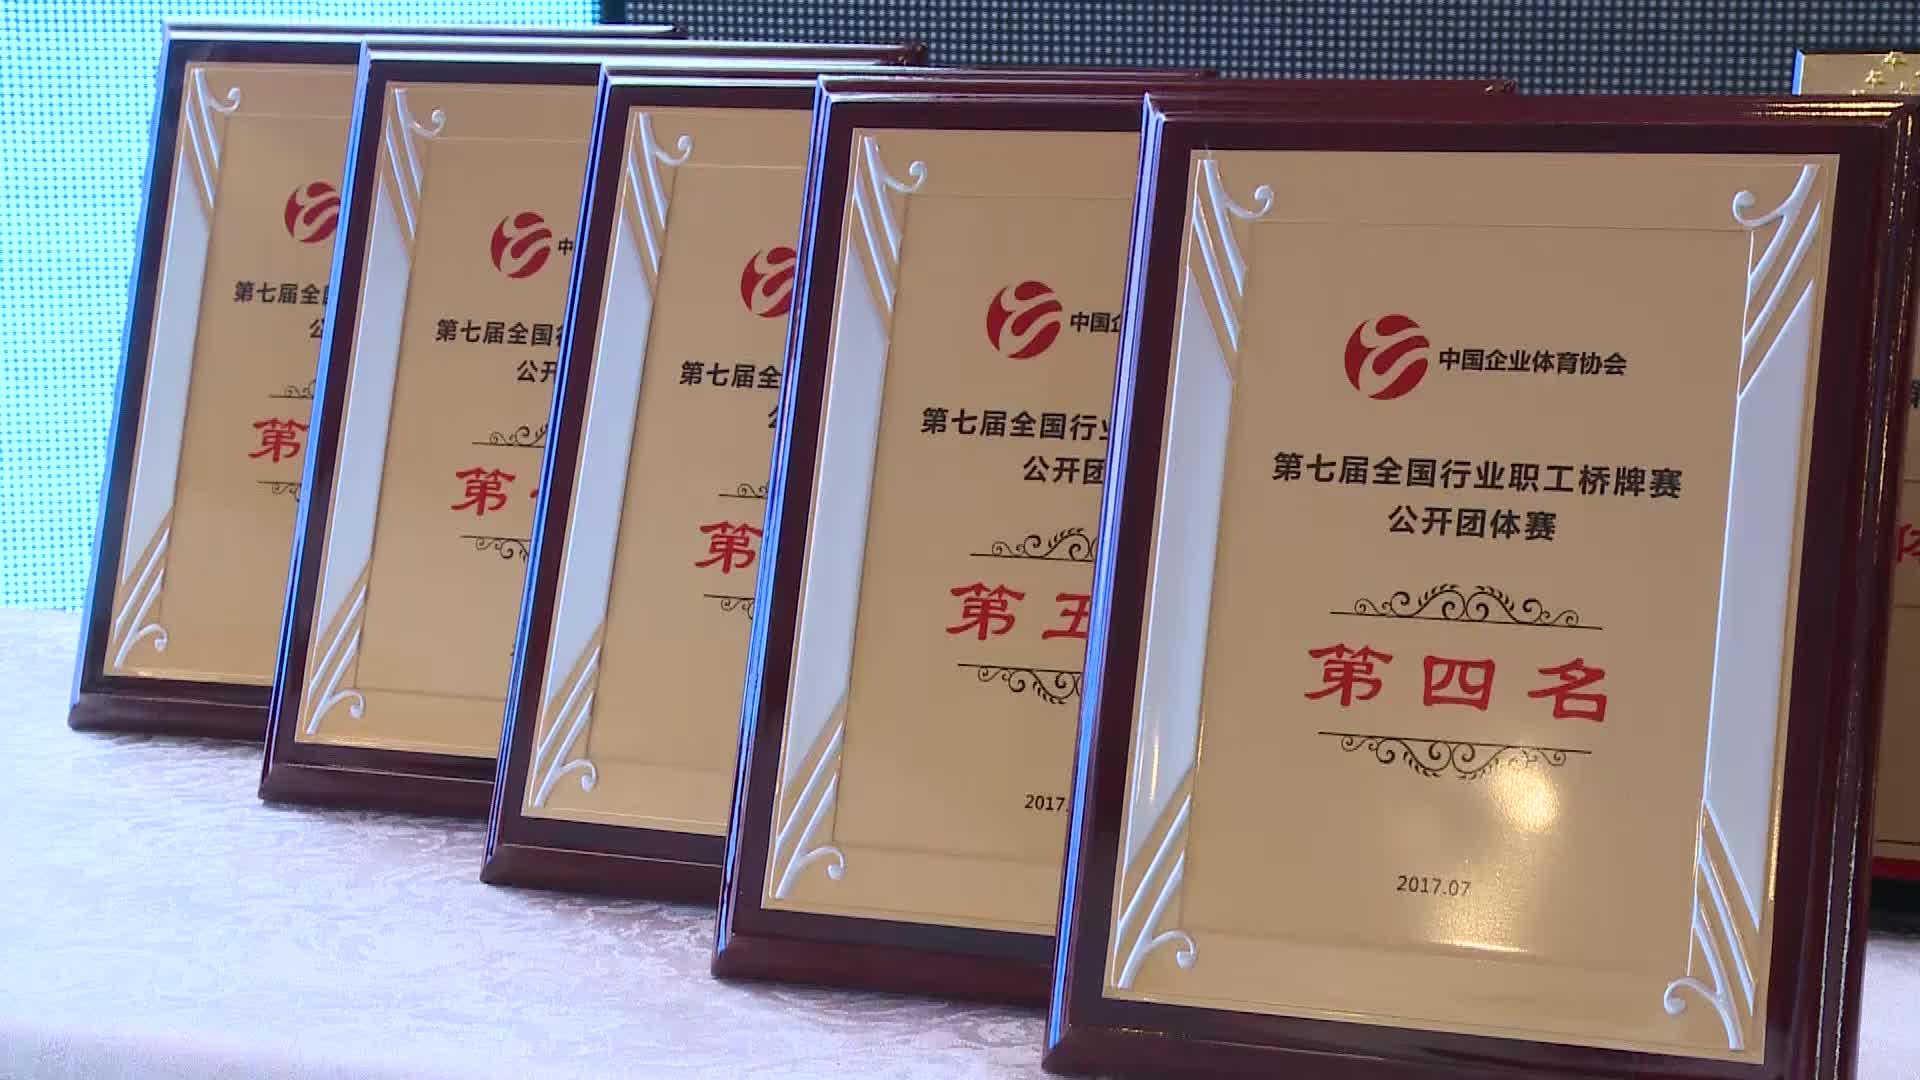 第七届全国行业职工桥牌赛颁奖仪式